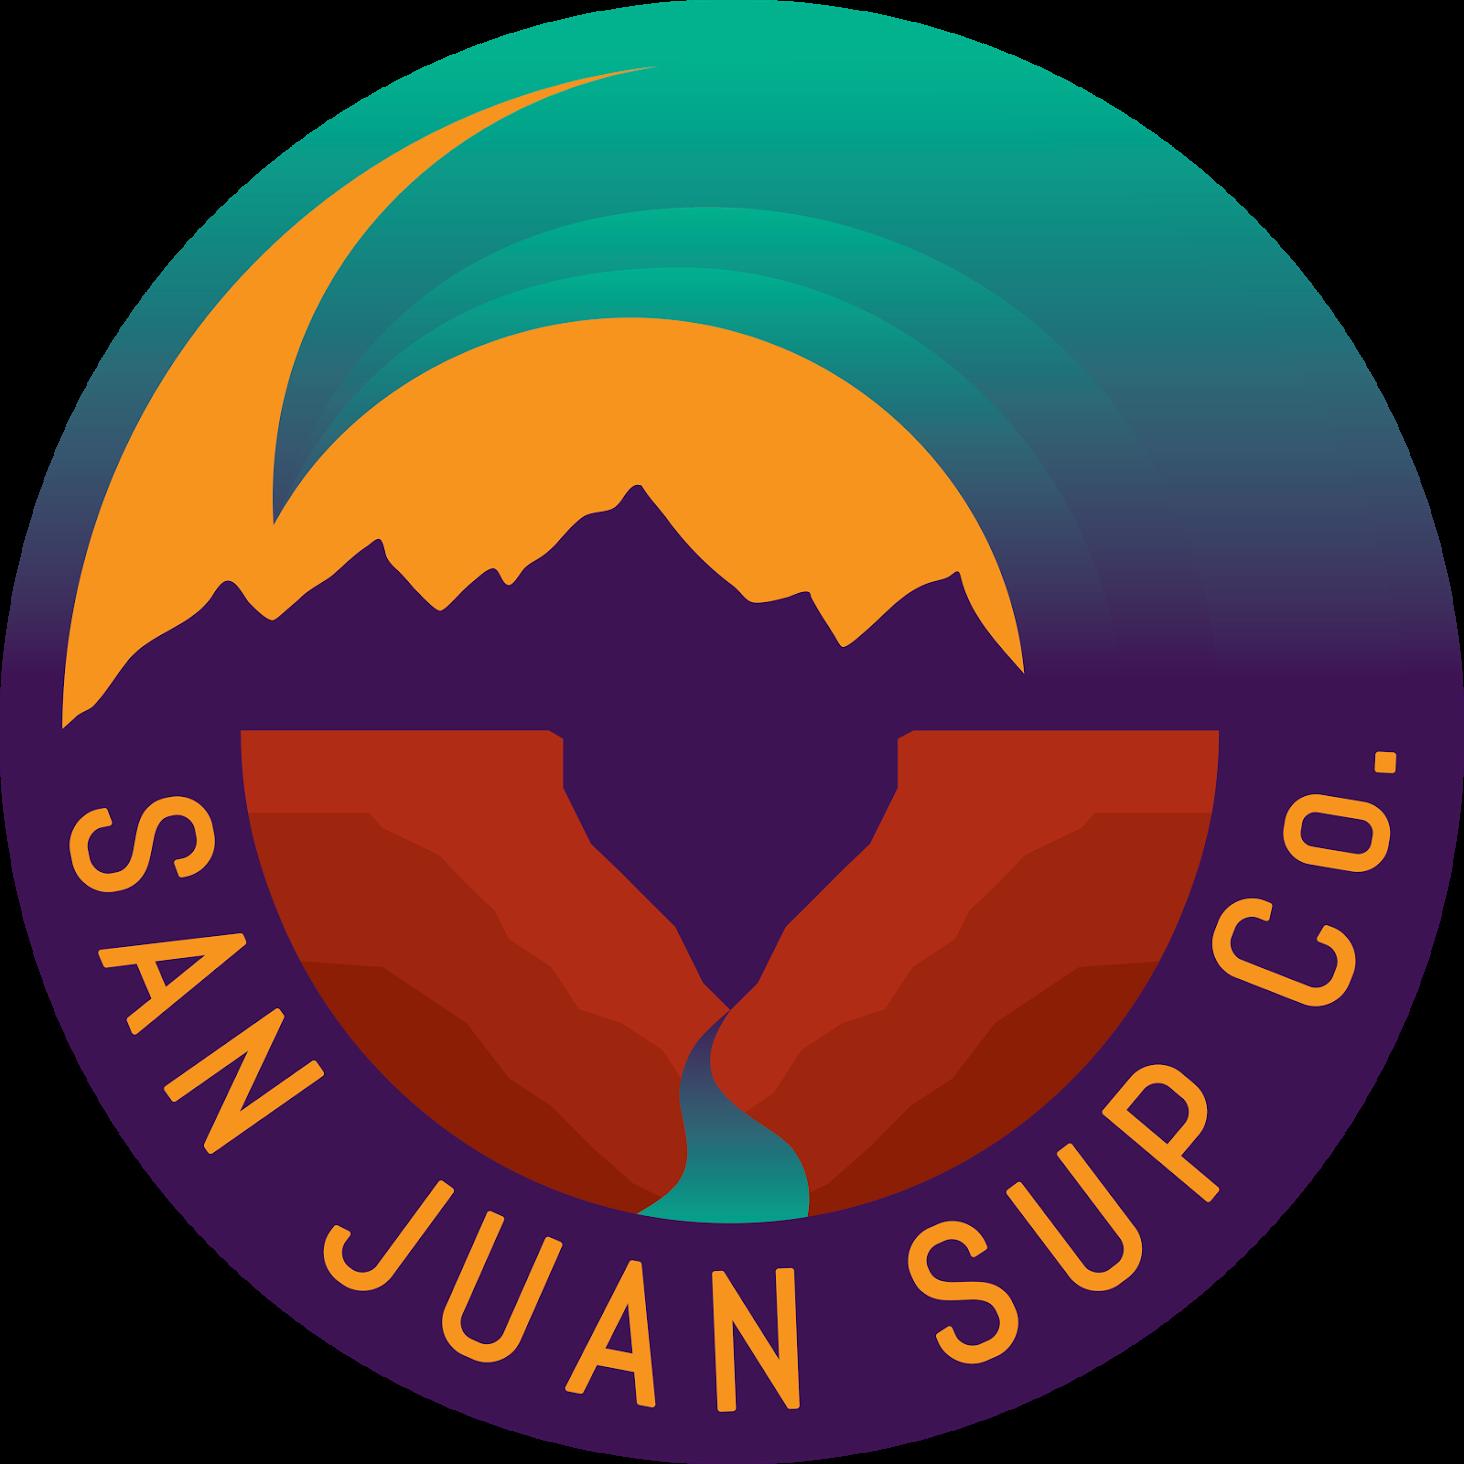 San Juan SUP Co